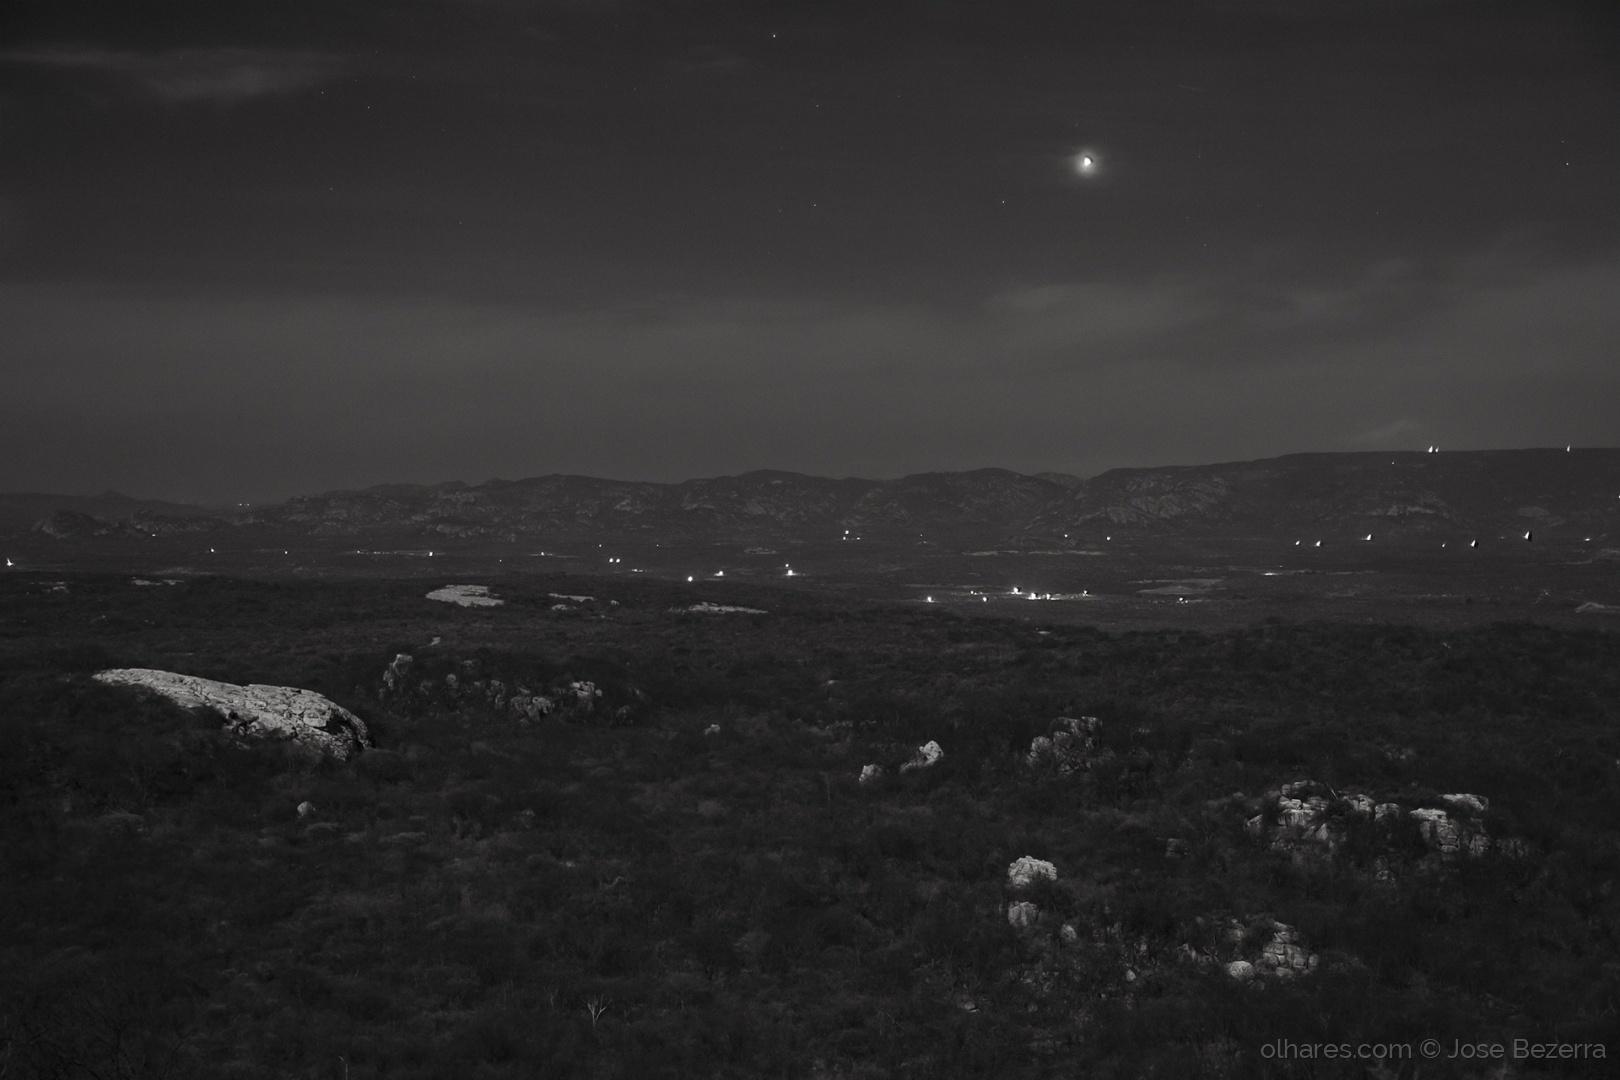 Fotojornalismo/Contemplação noturna...